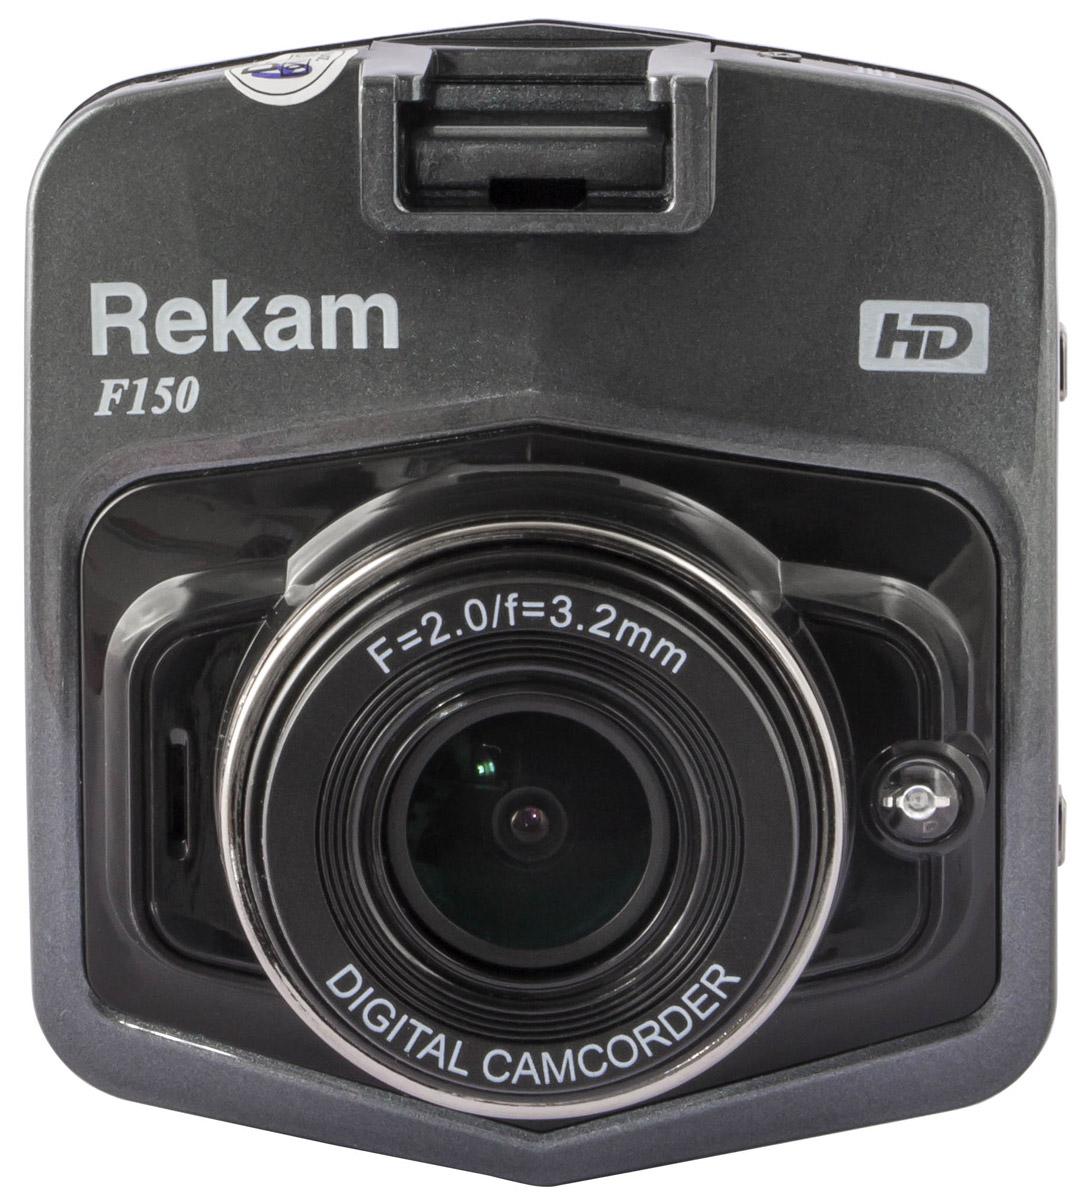 Rekam F150 автомобильный видеорегистраторF150Автомобильный видеорегистратор Rekam F150 можно смело назвать одним из самых миниатюрных Full HD видеорегистраторов с экраном. На лицевой стороне расположен объектив, состоящий из шести линз. Он имеет угол обзора 120°, диафрагму 2.0 и фокусное расстояние 3.2 мм, что обеспечивает достойное качество съемки, как в FullHD, так и в HD разрешении, при различном освещении. Помимо объектива, на лицевой стороне расположен встроенный динамик и светодиод подсветки, обеспечивающий лучшую видимость в ночное время. Кроме записи видео со звуком, Rekam F150 поддерживает режим съемки фото в разрешении до 3 Mпикс (2048x1536), 1.3 Mпикс (1280x960).Видеорегистратор оснащен 3-осевым G-сенсором, на основе которого реализованы режим защиты записи при ударе, а также режим Парковка. Rekam F150 обеспечивает гибкие возможности просмотра. Запись можно просматривать прямо на экране видеорегистратора, что позволяет оценить общую картину на месте. При необходимости рассмотреть детали, видеорегистратор можно подключить к внешнему монитору, используя для этого порт HDMI.Отдельного внимания заслуживает штатное крепление на лобовое стекло. Оно отличается простым креплением видеорегистратора, возможностью поворачивать его на 360° в горизонтальной плоскости и менять угол наклона. При этом, само крепление достаточно компактно, что делает видеорегистратор практически не заметным на лобовом стекле.